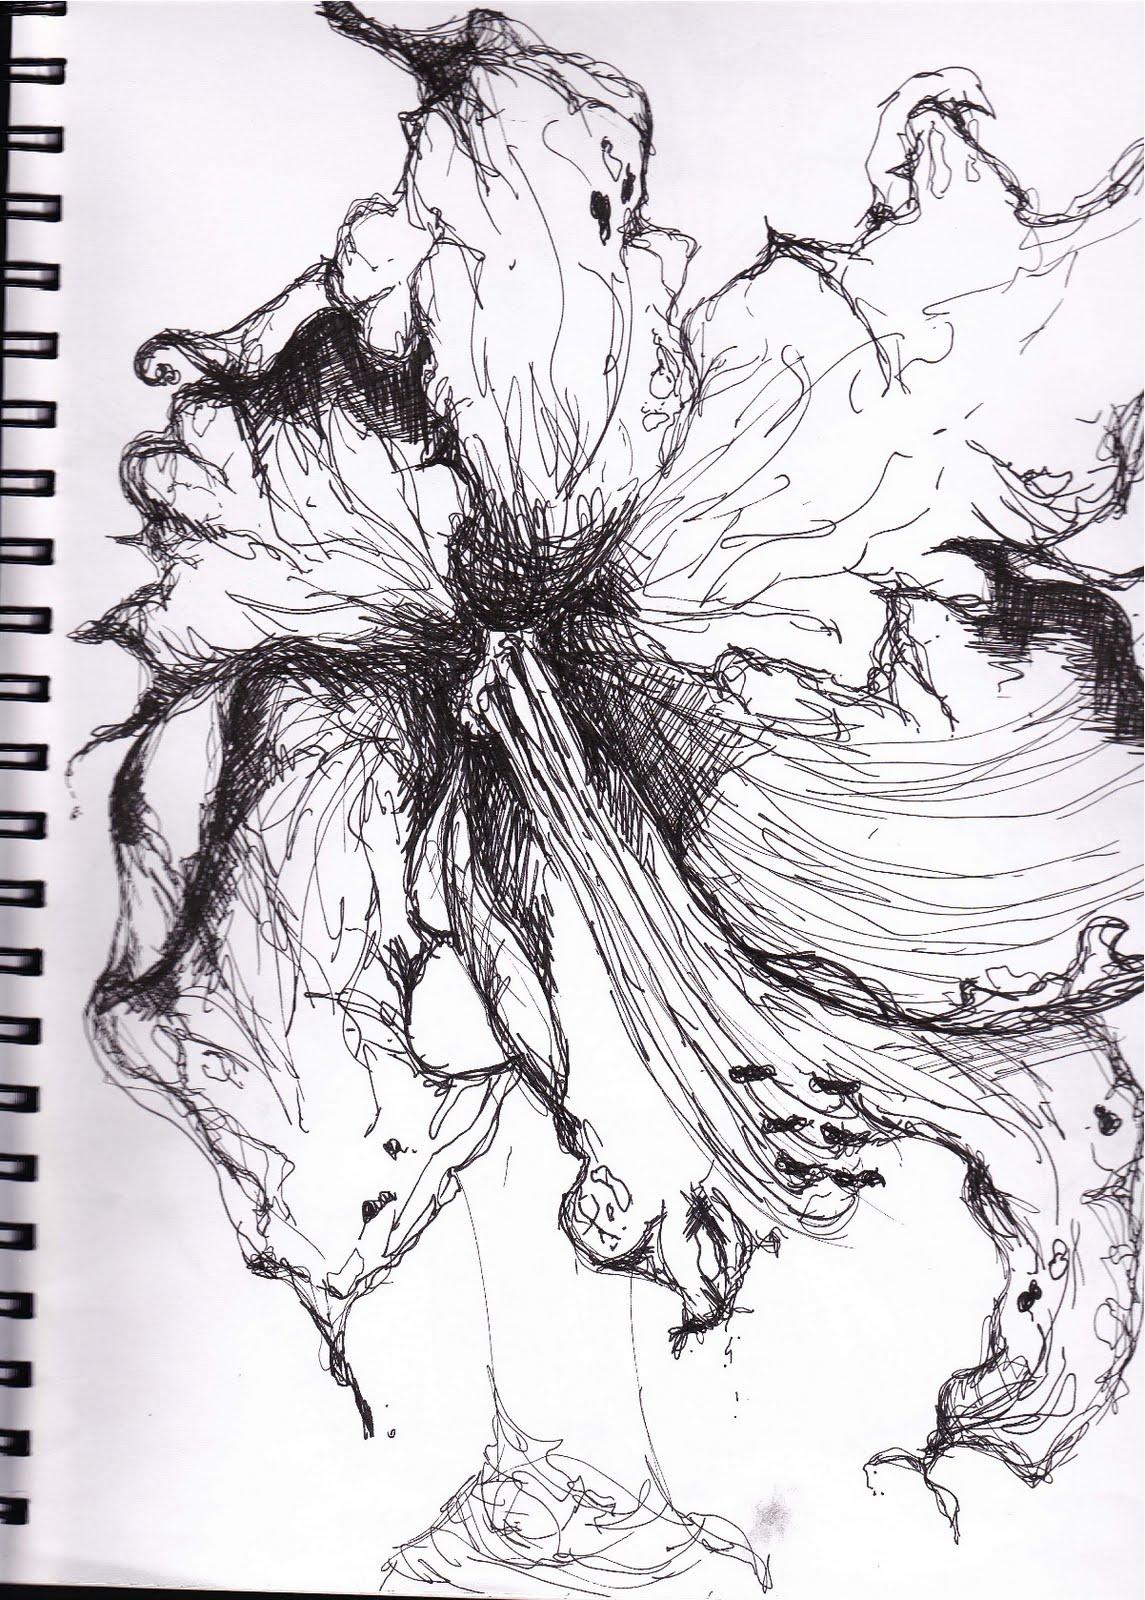 Sketch BOOKIES: Botanical Pen & Ink Drawings